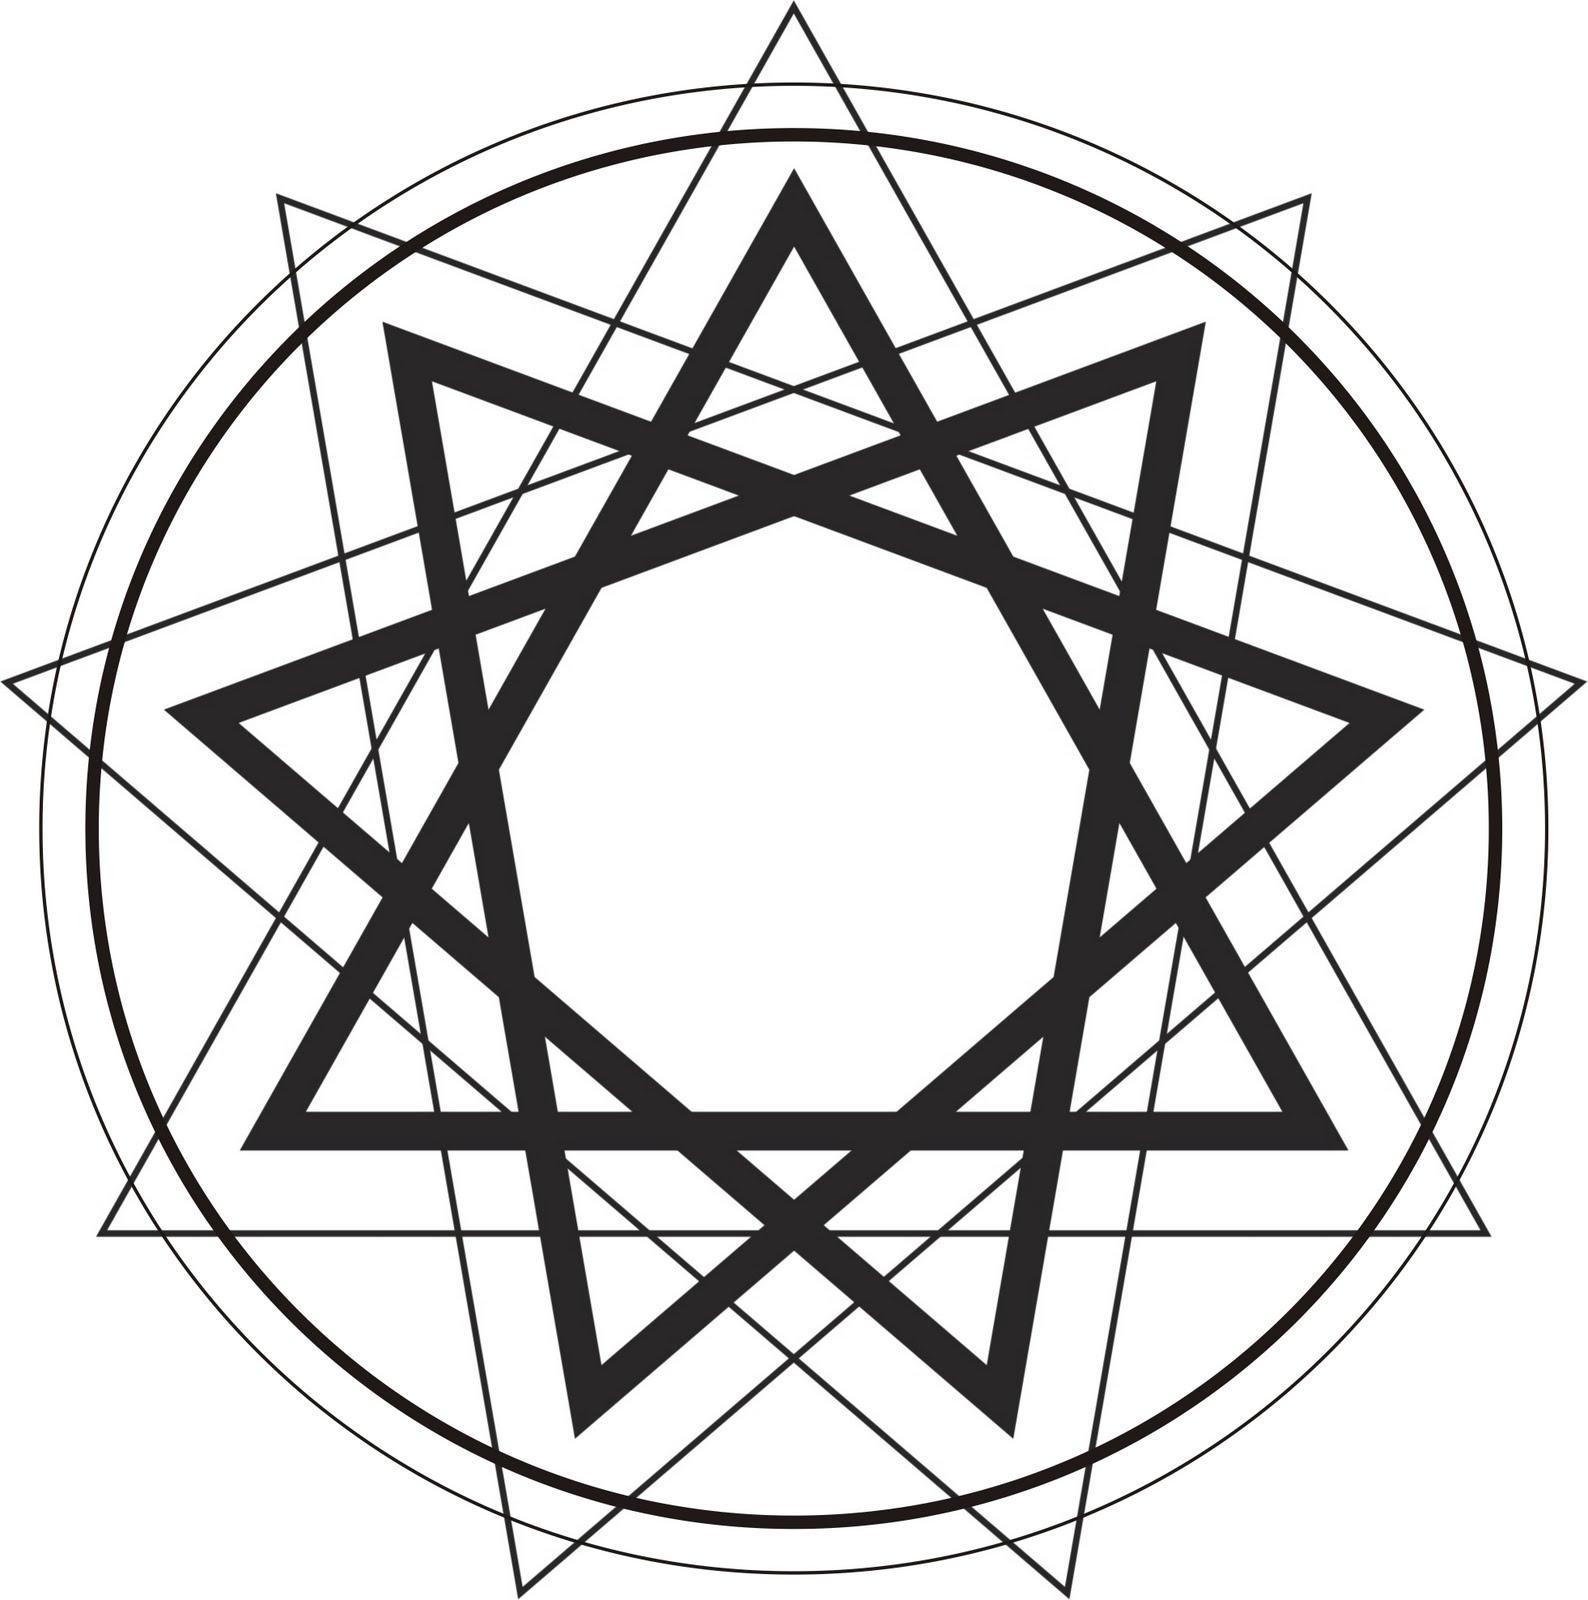 http://4.bp.blogspot.com/-y6GDAfTjqGs/Ta0hCZq4olI/AAAAAAAAACA/82EhCkZaytk/s1600/slipknot%2Bsymbol.jpg